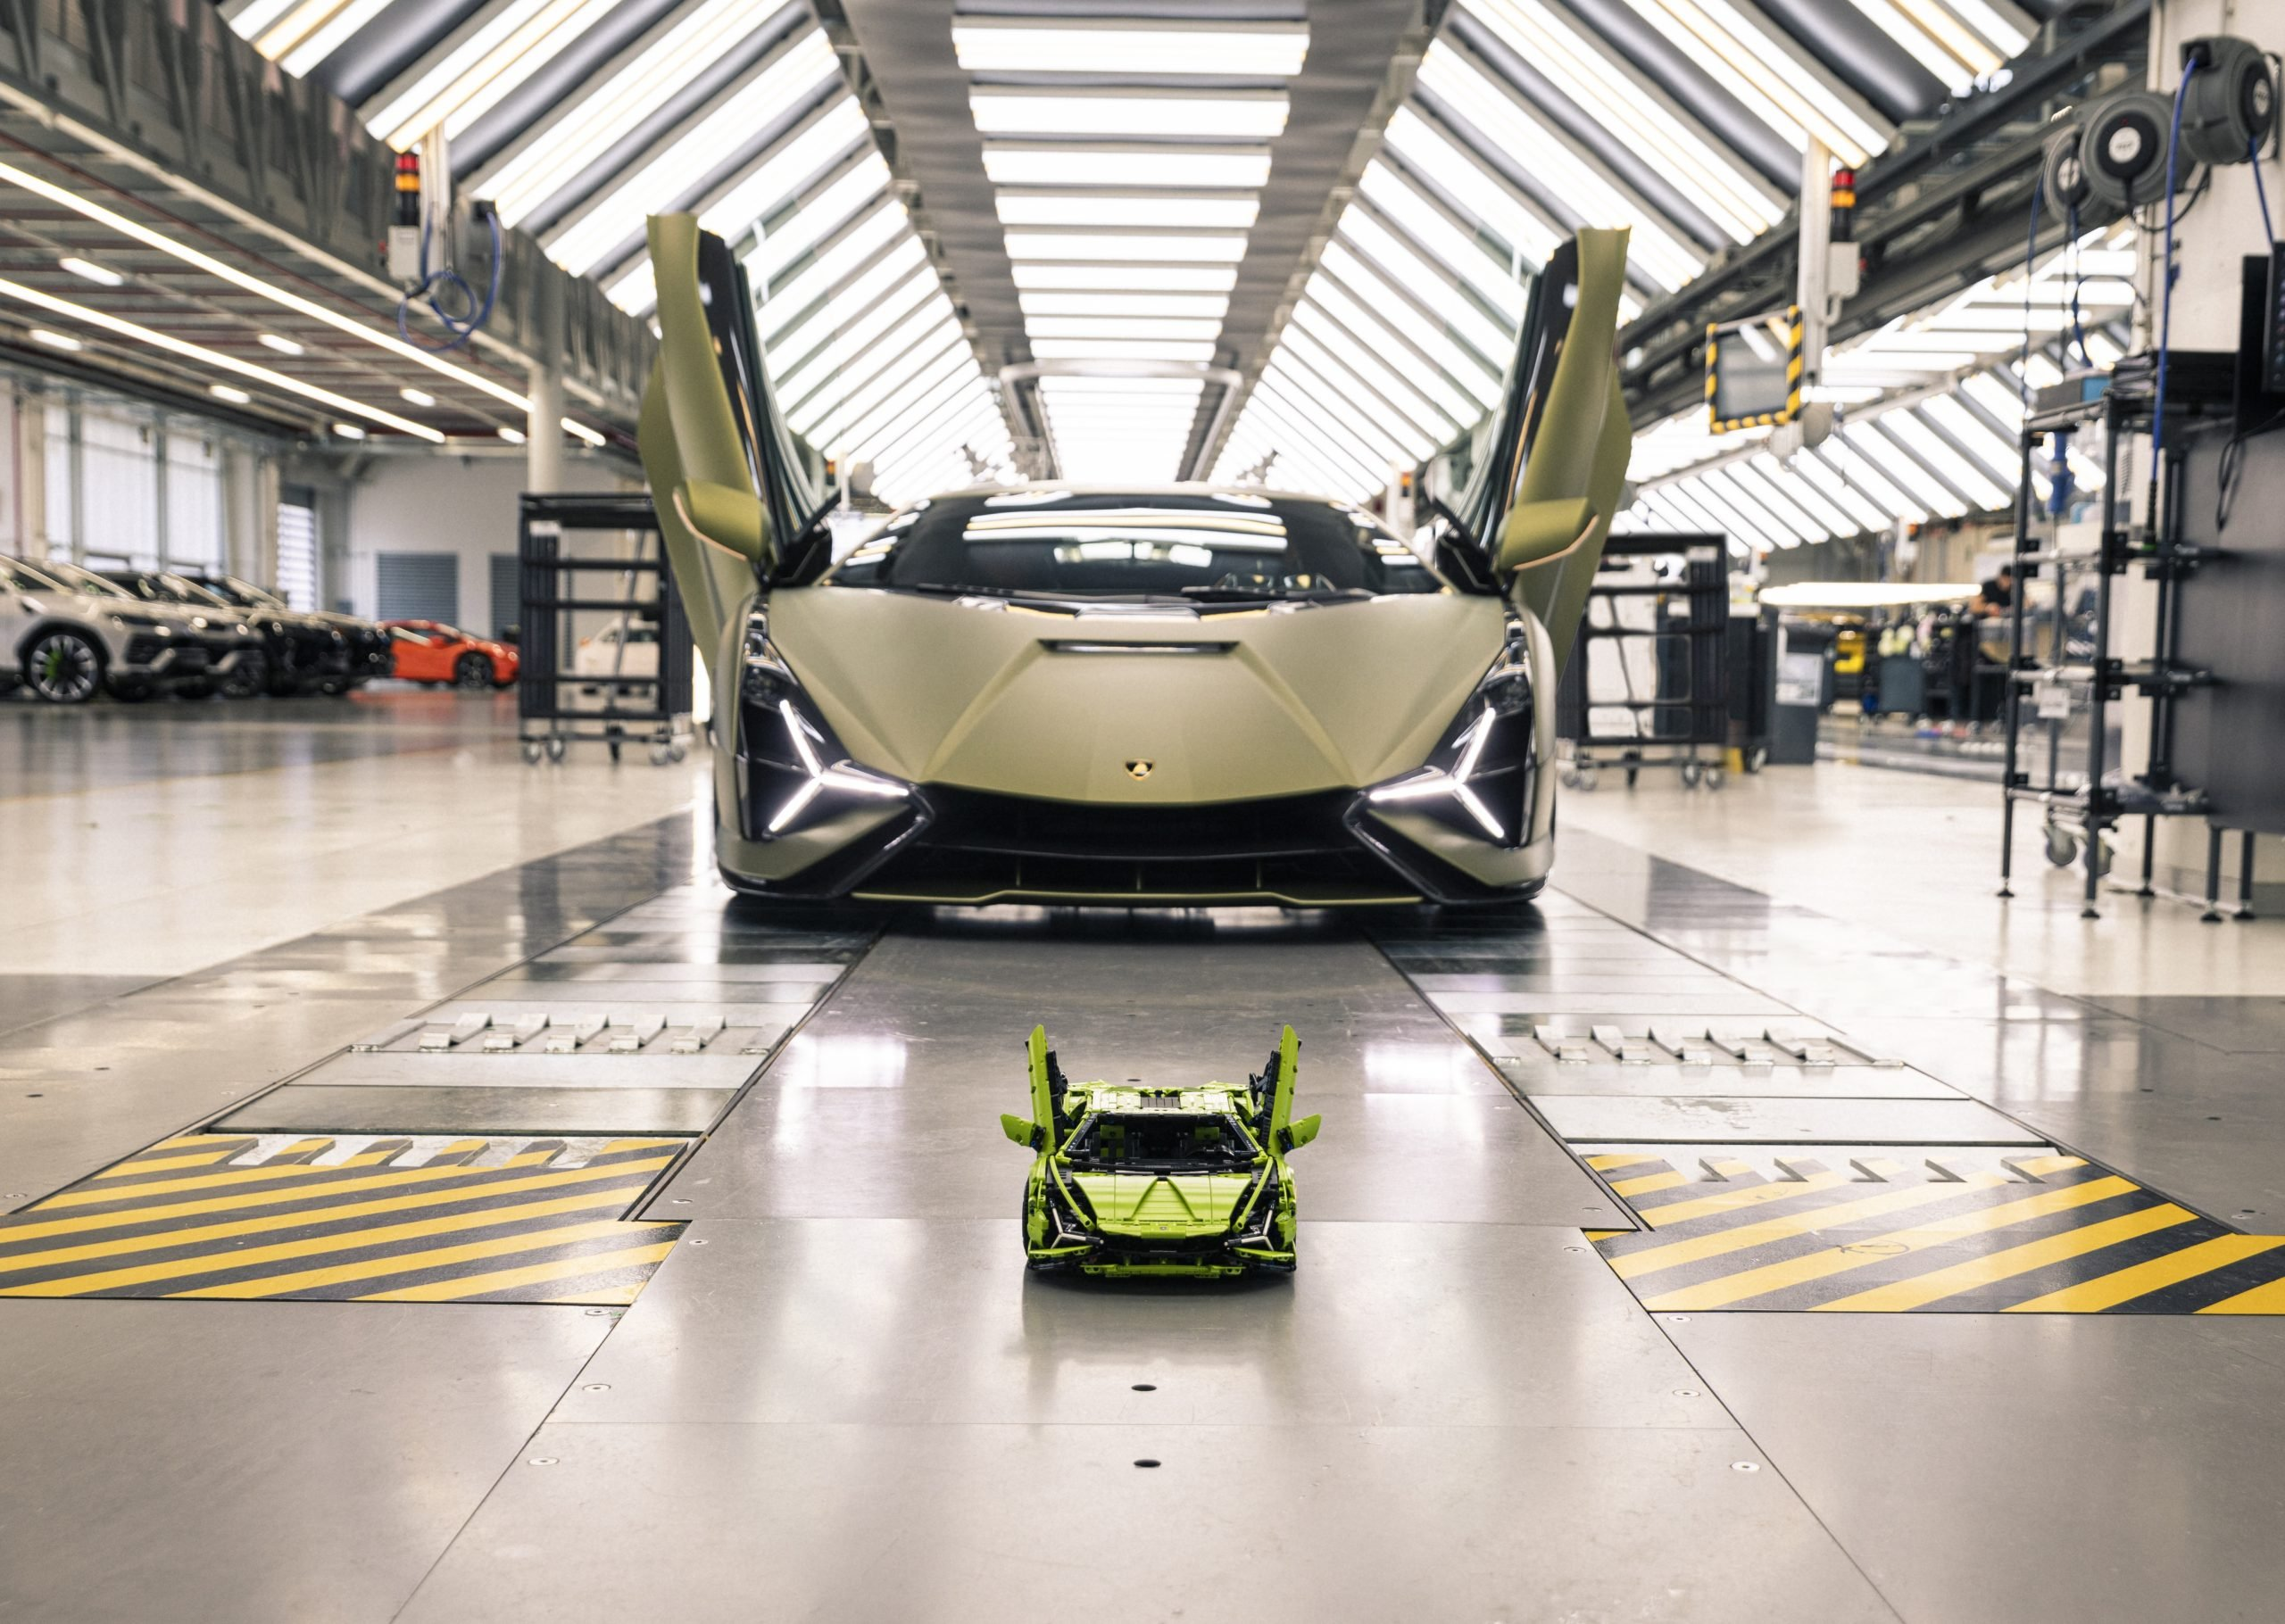 Как выглядит самый быстрый Lamborghini, собранный из Lego